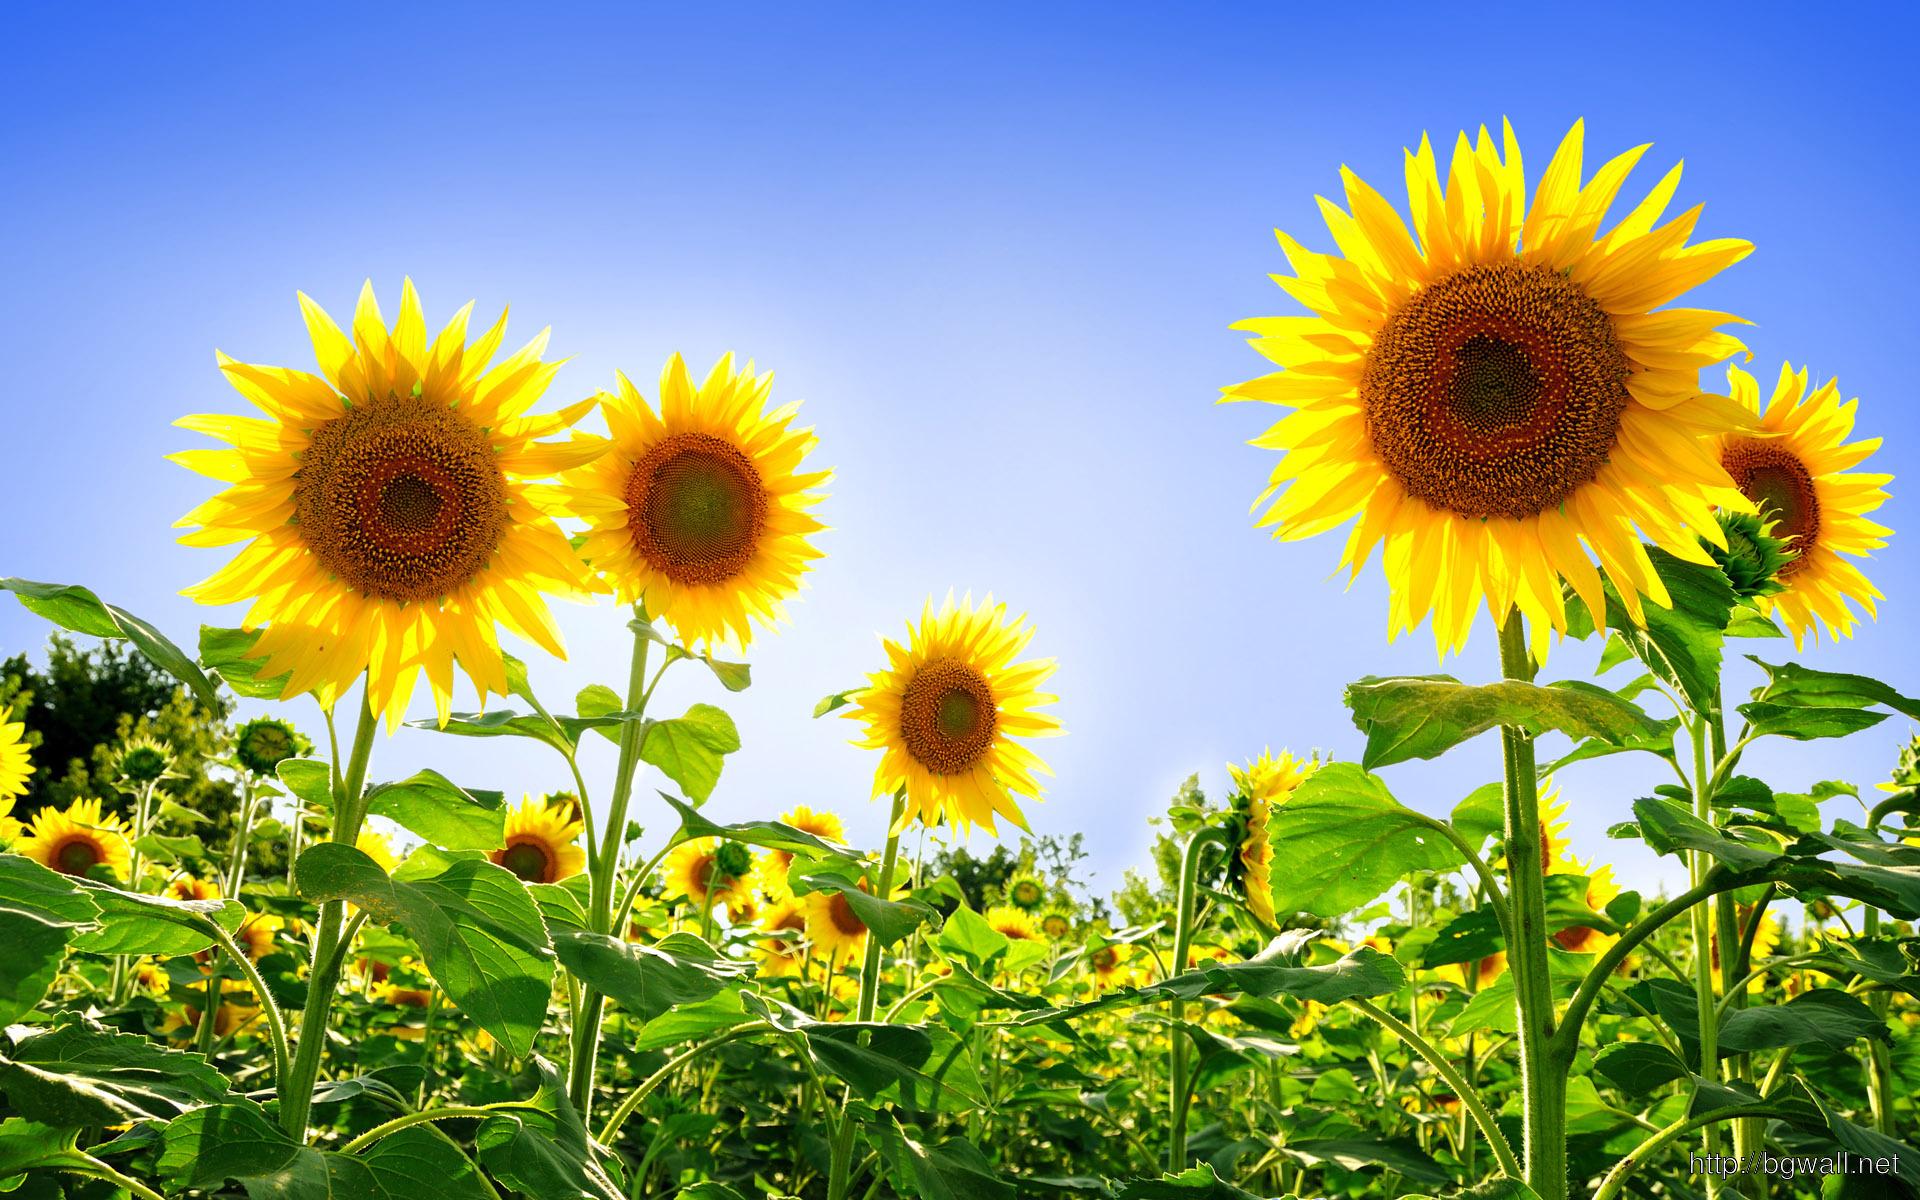 Sunflowers Wallpaper 2336 Full Size